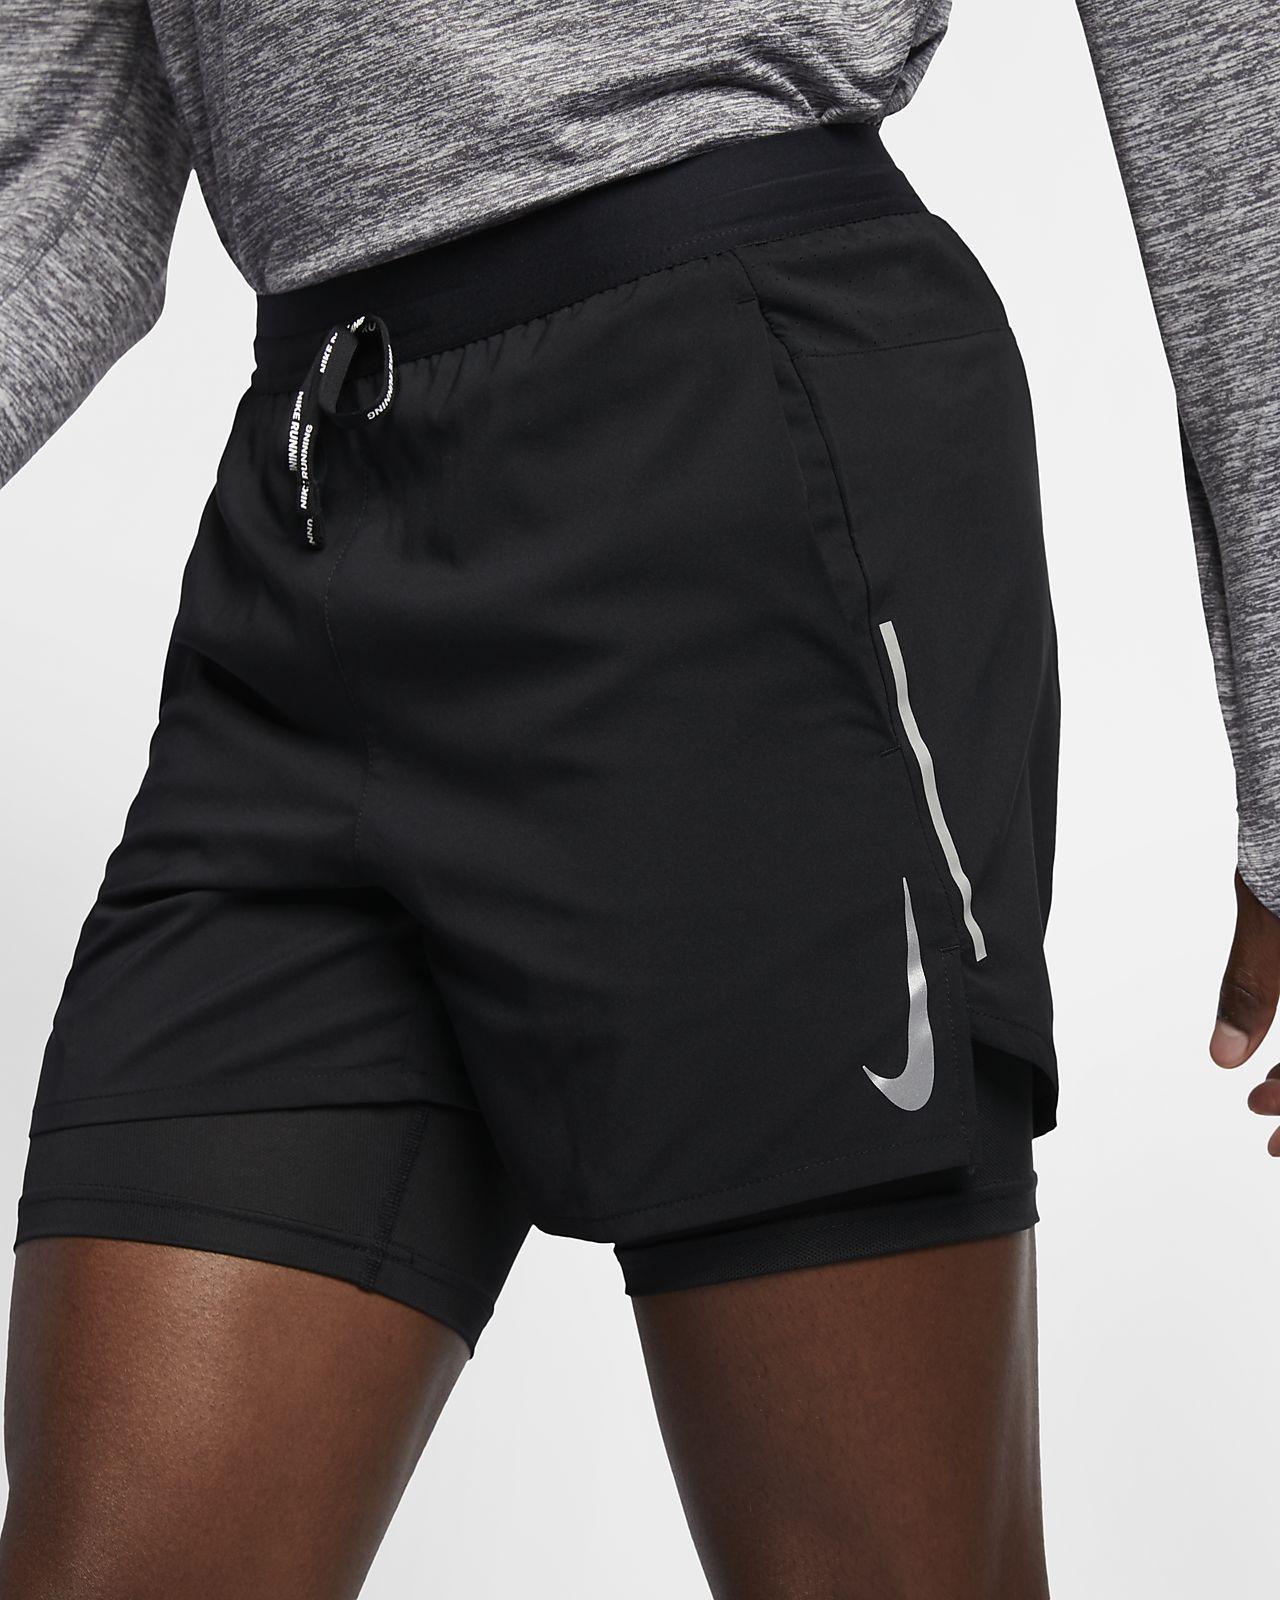 Nike Flex Stride Pantalón corto de running 2 en 1 de 13 cm - Hombre